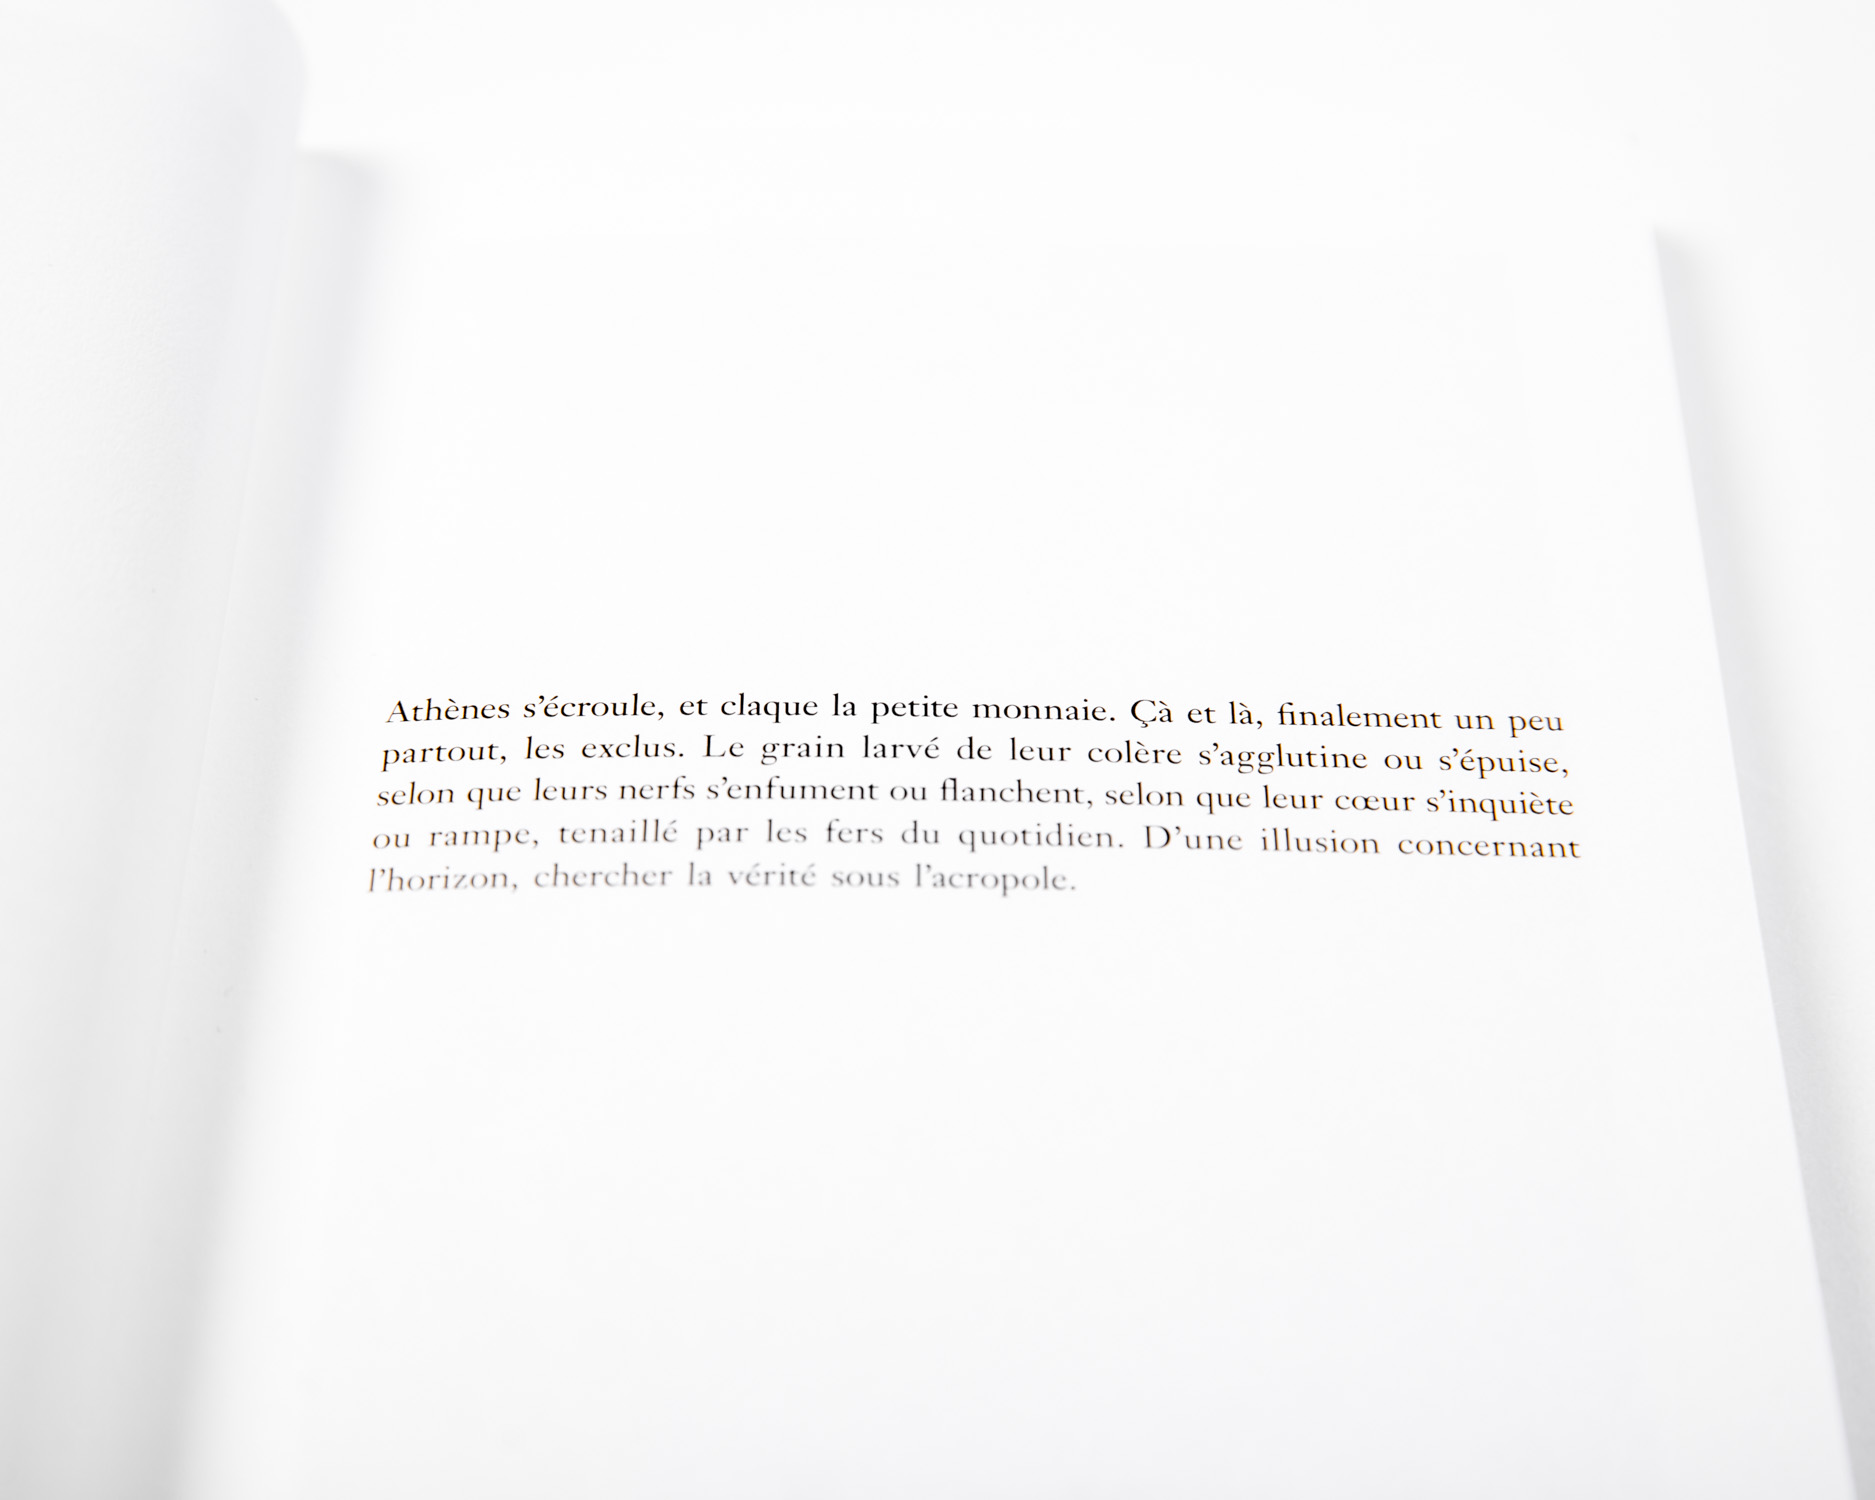 banqueroute_006